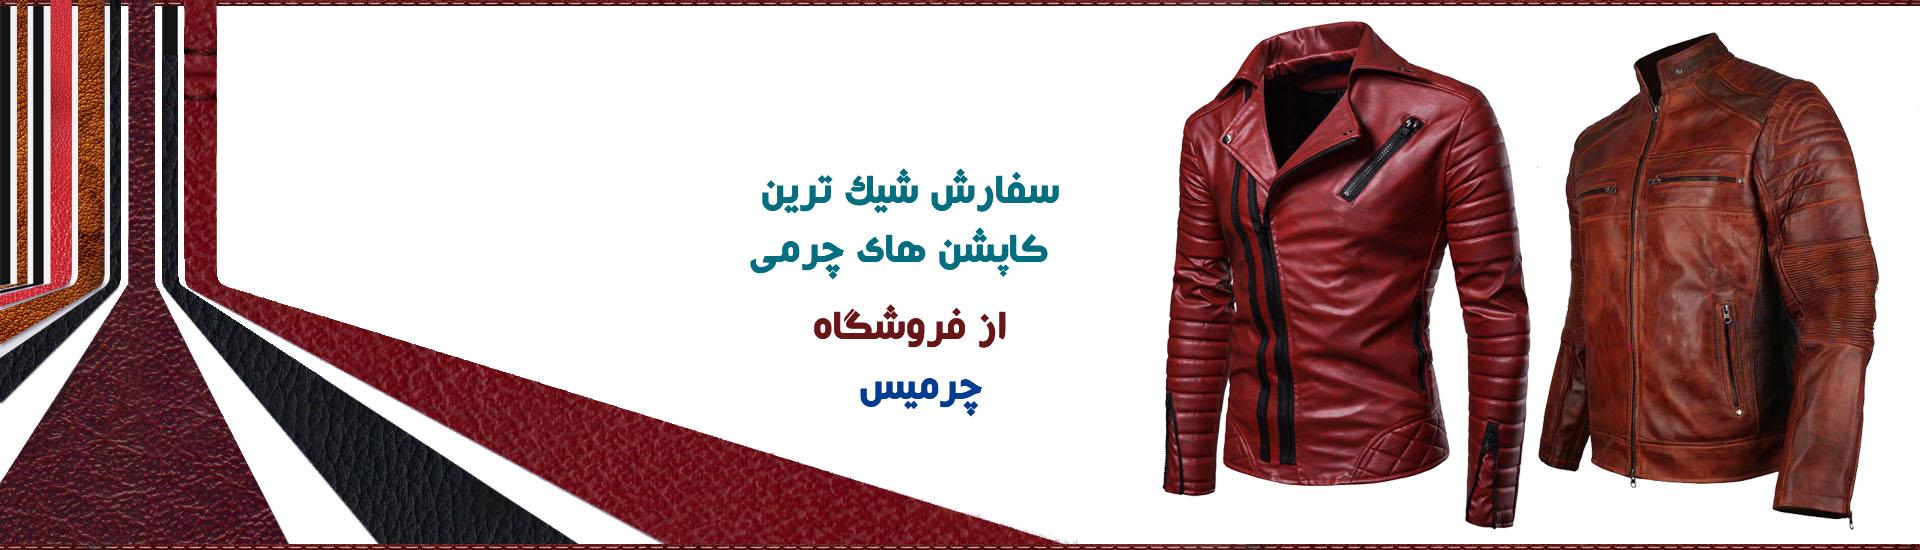 خرید کاپشن چرمی مردانه - کاپشن چرم اصل مردانه - کاپشن چرمی